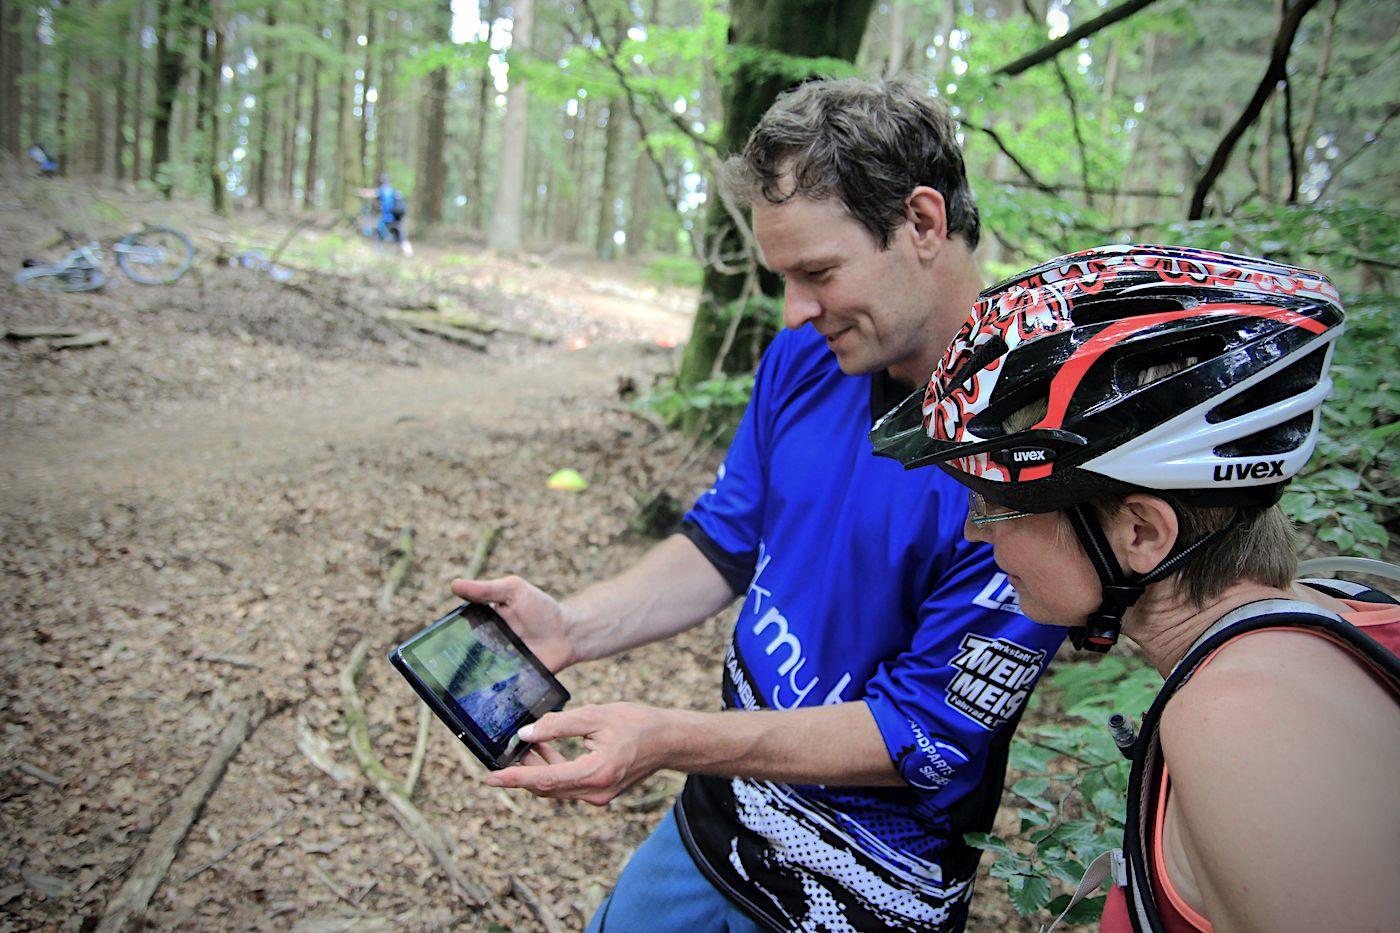 MTB Fahrtechnik Kurs Fortgeschrittene in Ravensburg - Mountainbike Fortgeschritten - Rock my Trail Bikeschule - 1